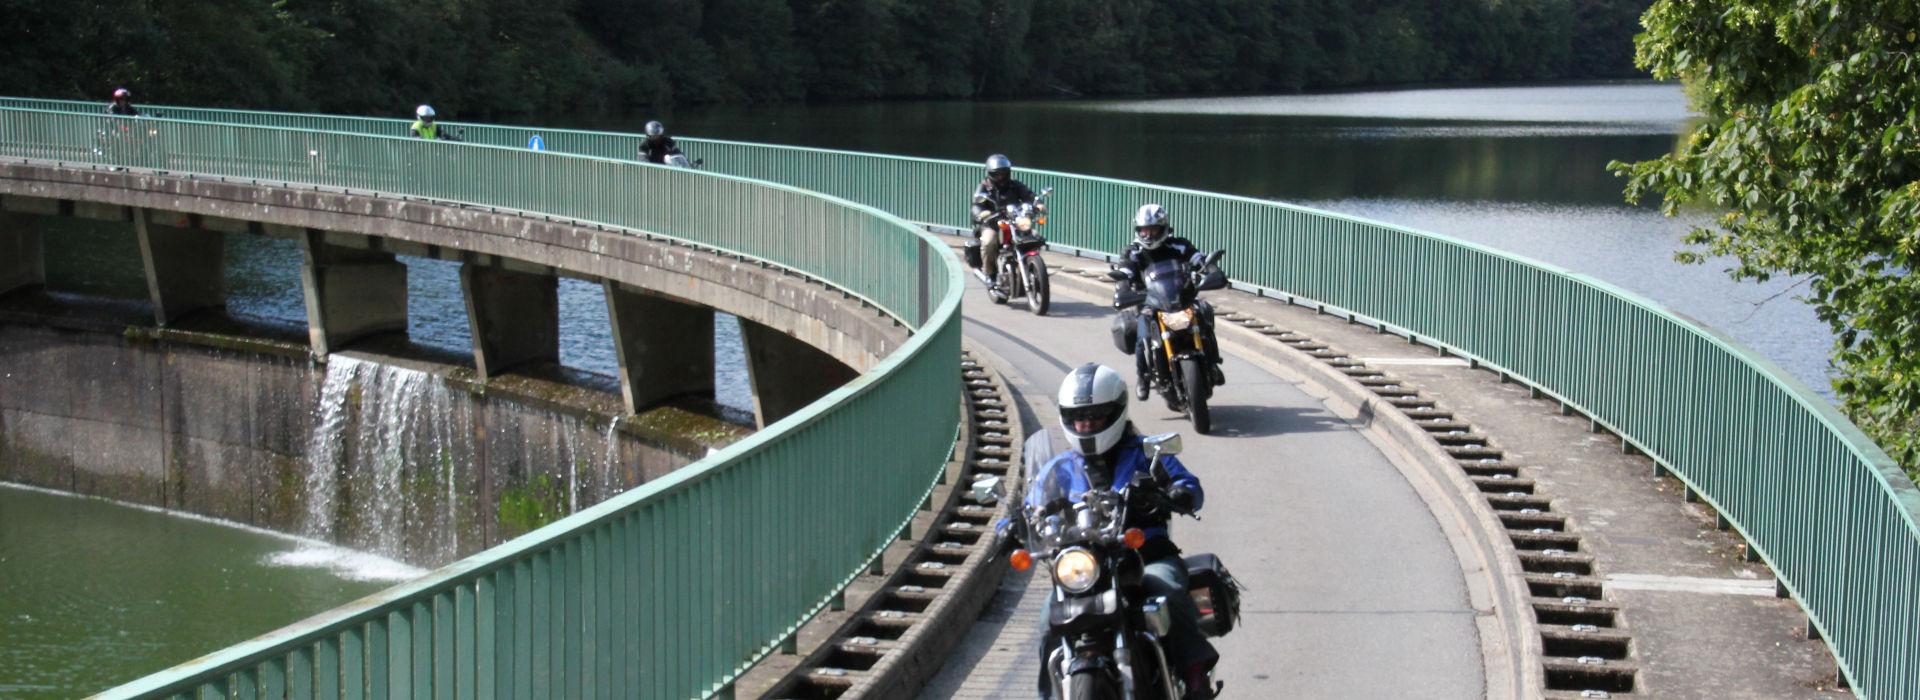 Motorrijbewijspoint Poortvliet spoed motorrijbewijs